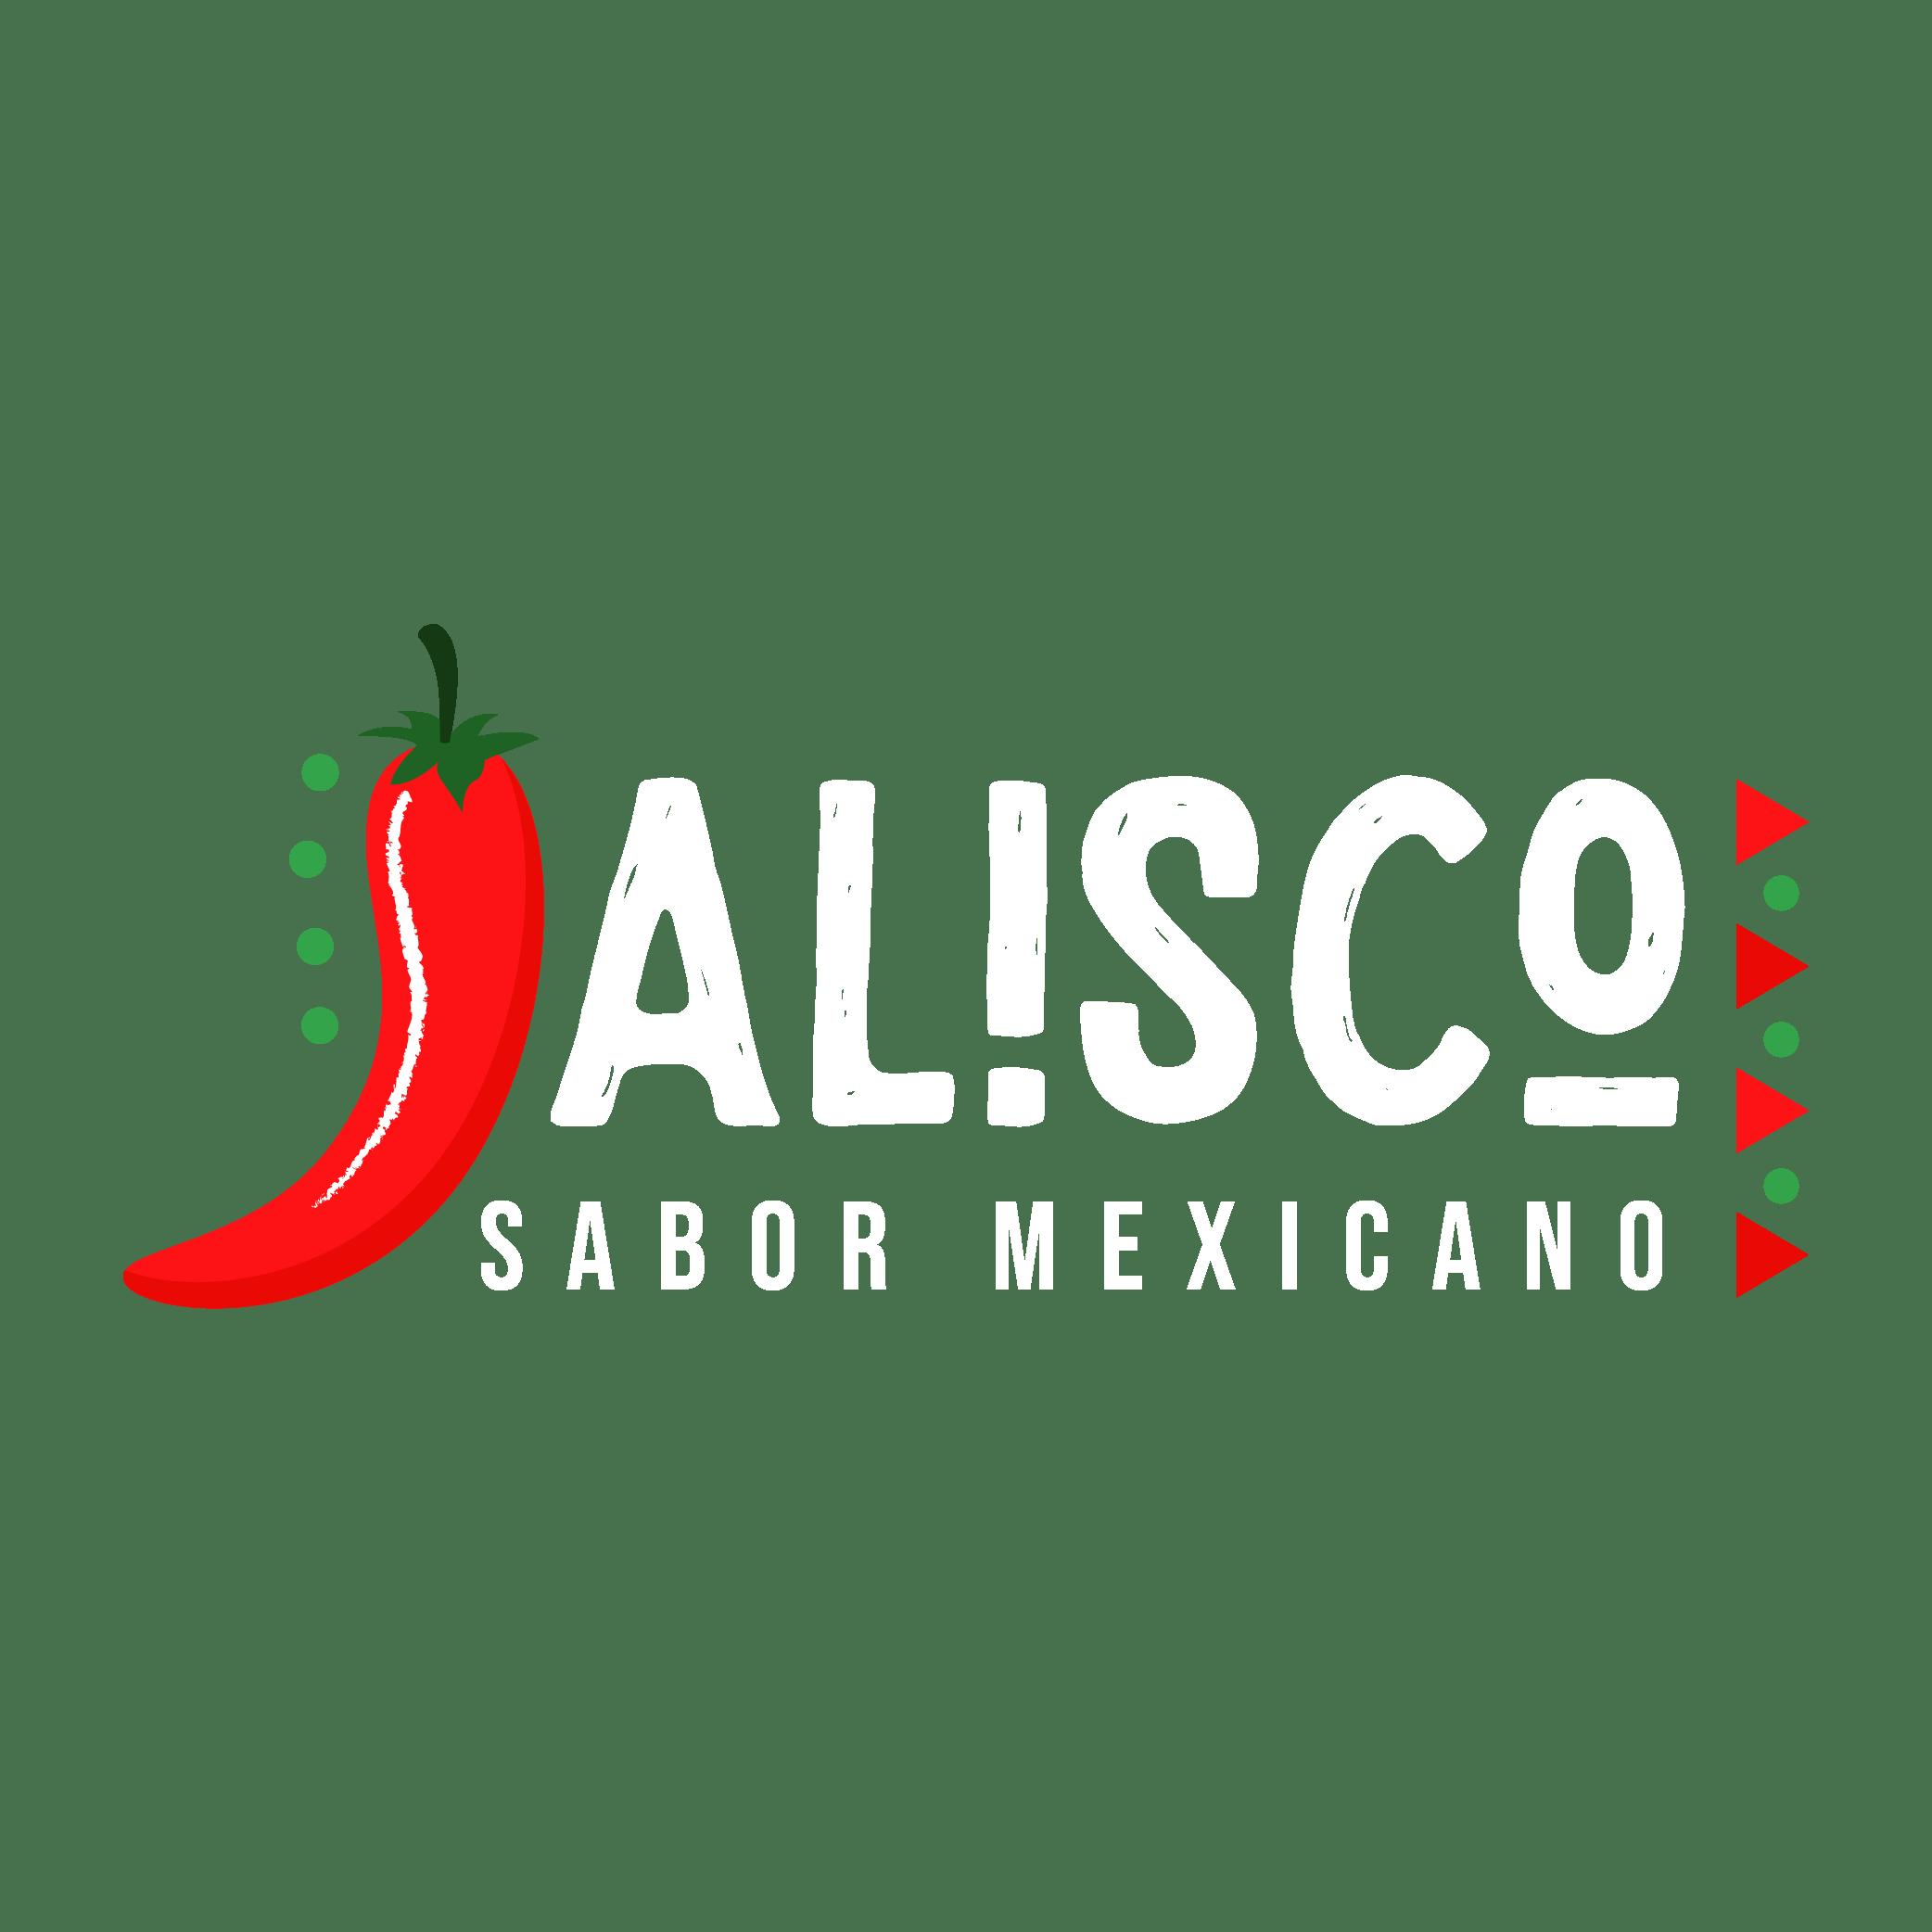 Logo_Jalisco